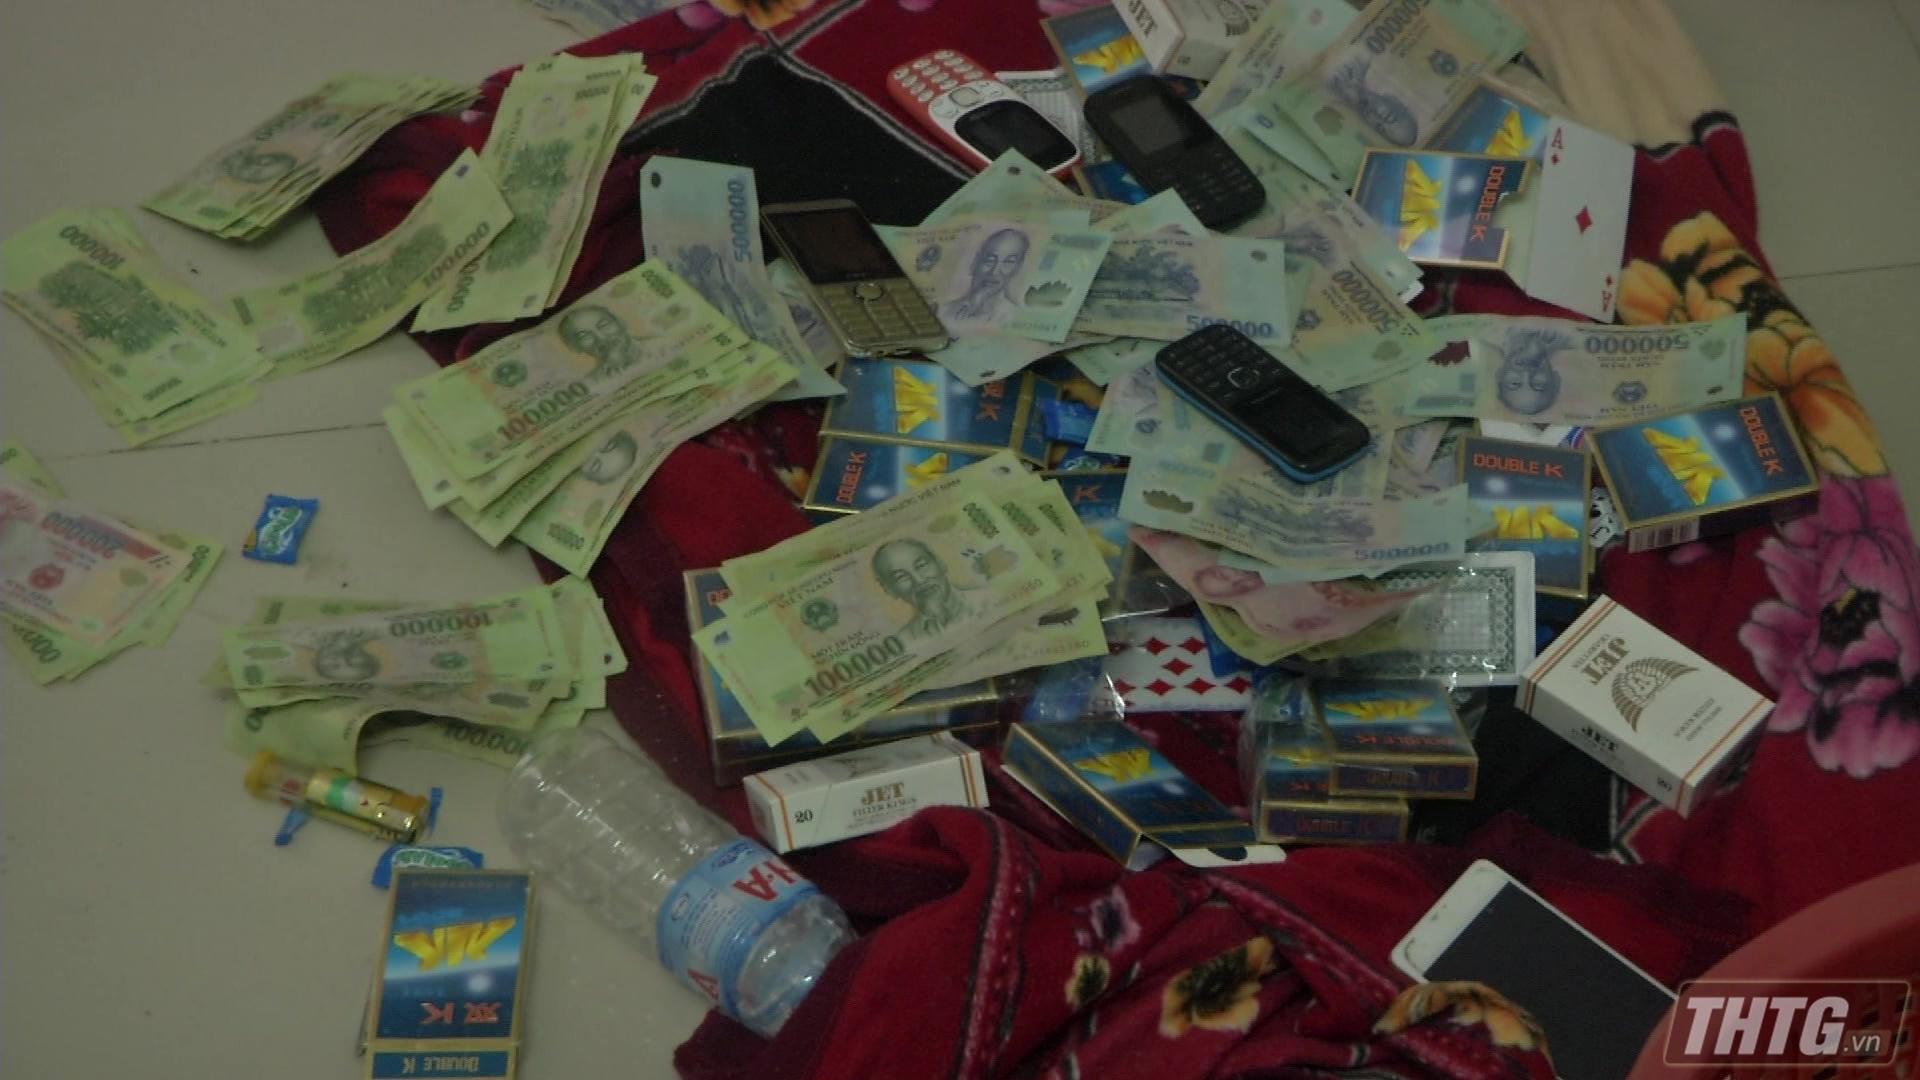 Bắt tụ điểm đánh bài ăn thua bằng tiền ngày cận Tết